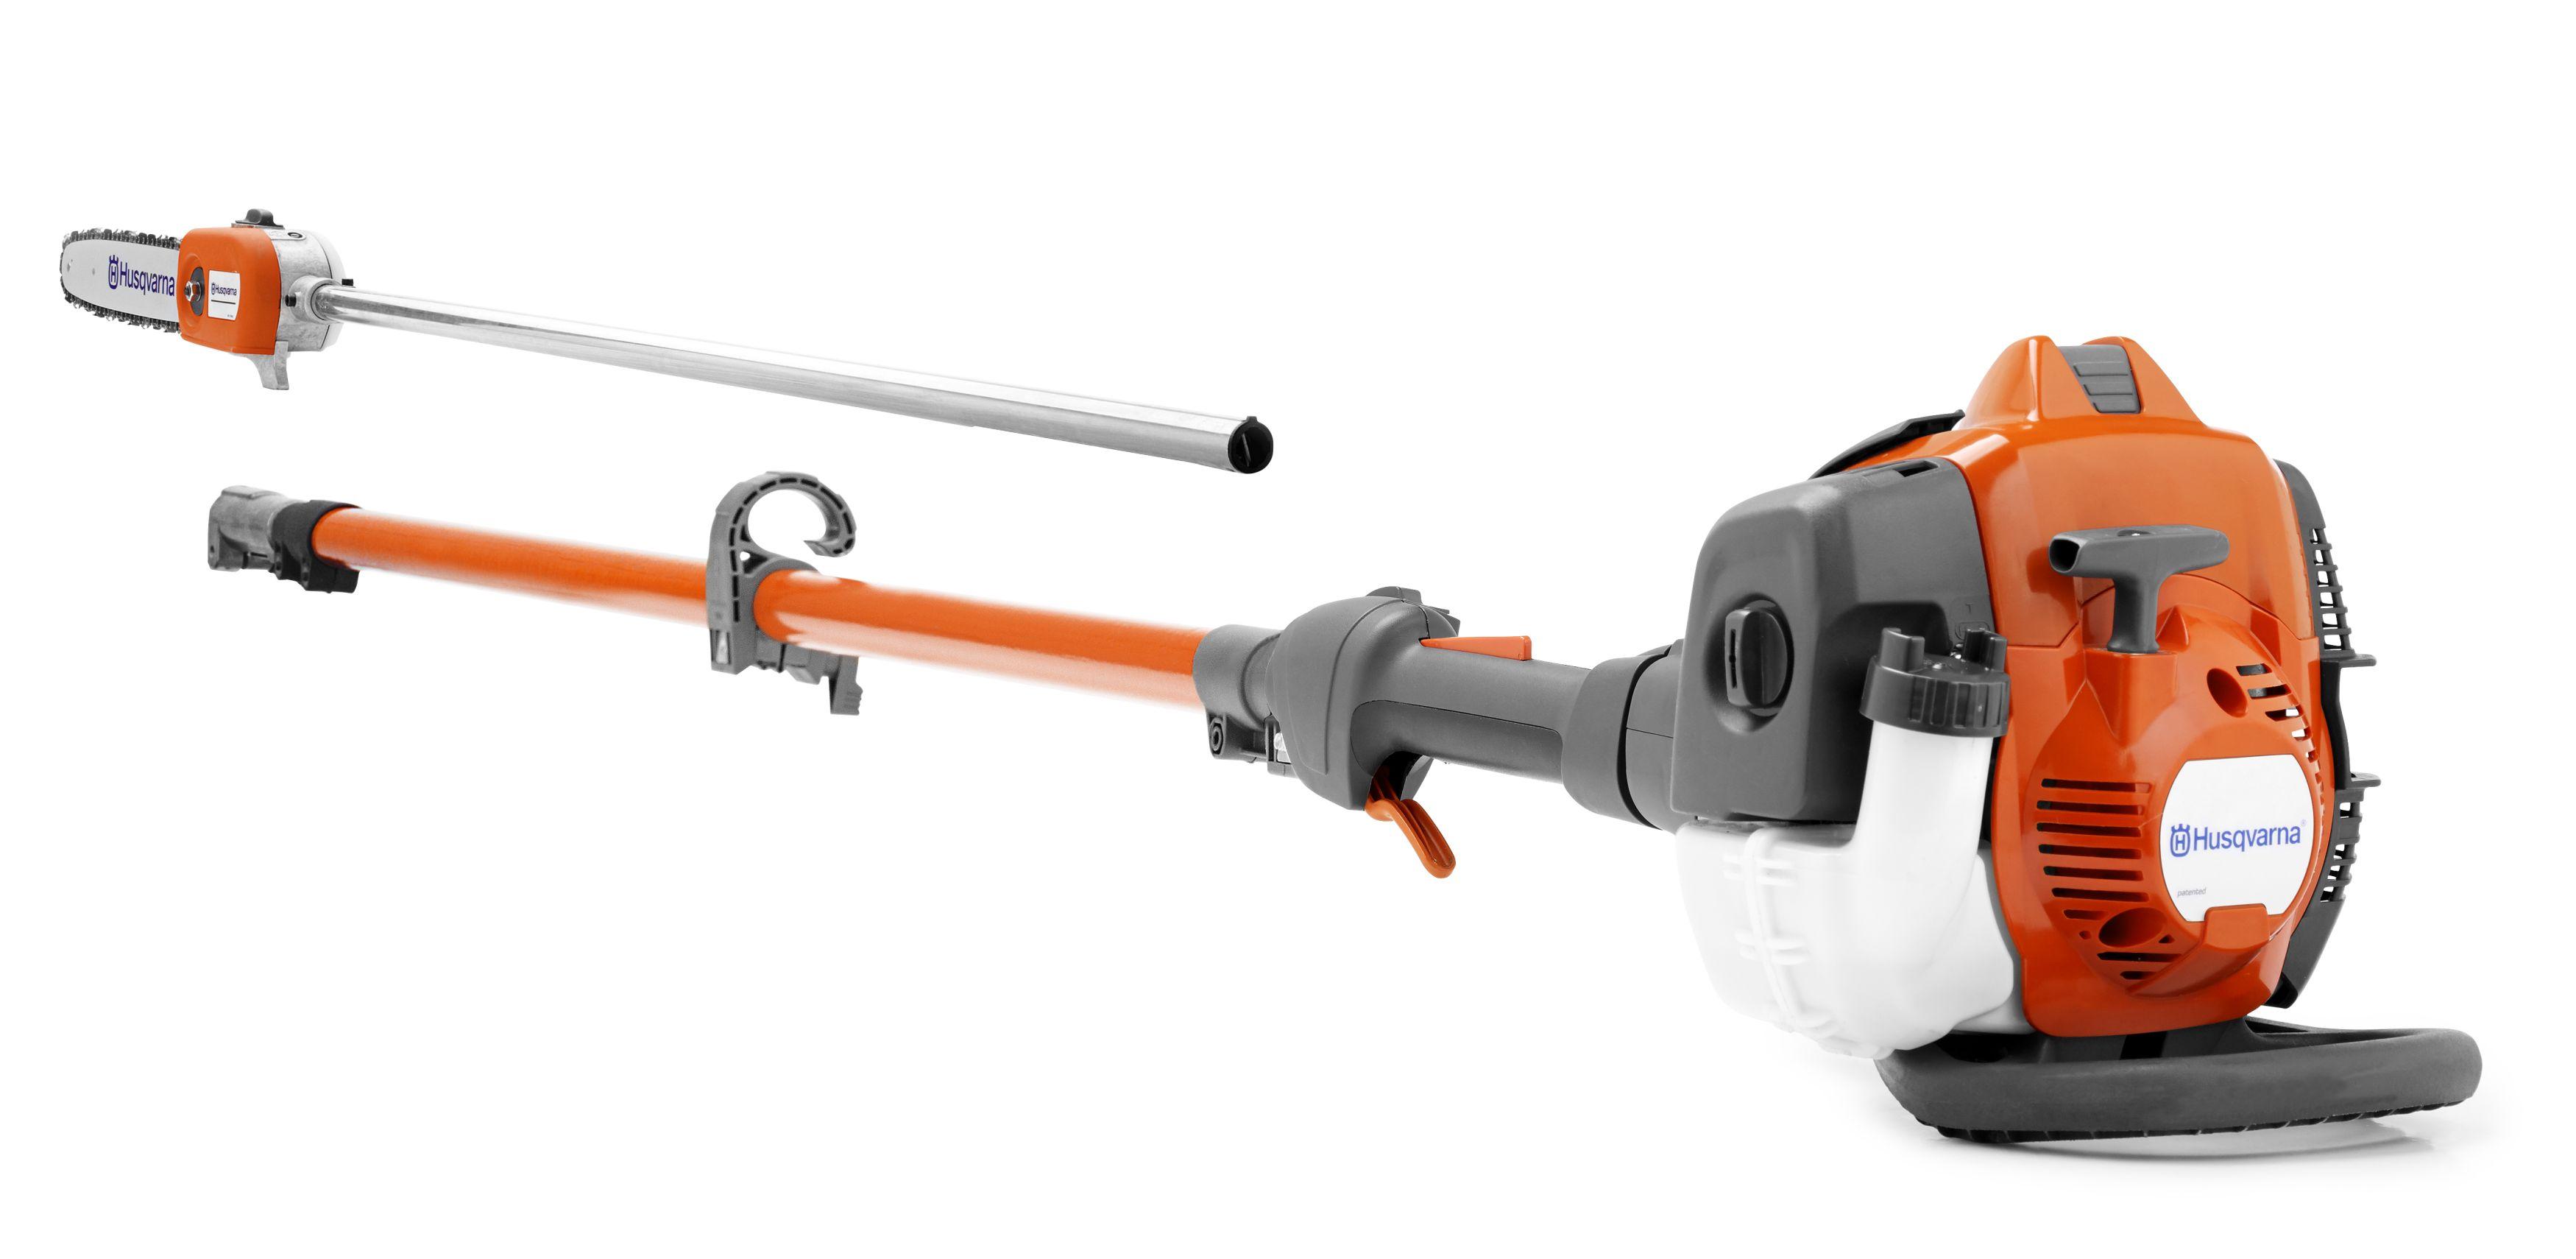 Высоторез HusqvarnaКусторезы и ножницы<br>Тип: высоторез, Мощность: 1000, Мощность (лс): 1.3, Рабочий объем: 25.4, Тип двигателя: бензиновый, Телескопическая/выдвижная: есть, Обороты: 8500, Бак: 0.51<br>